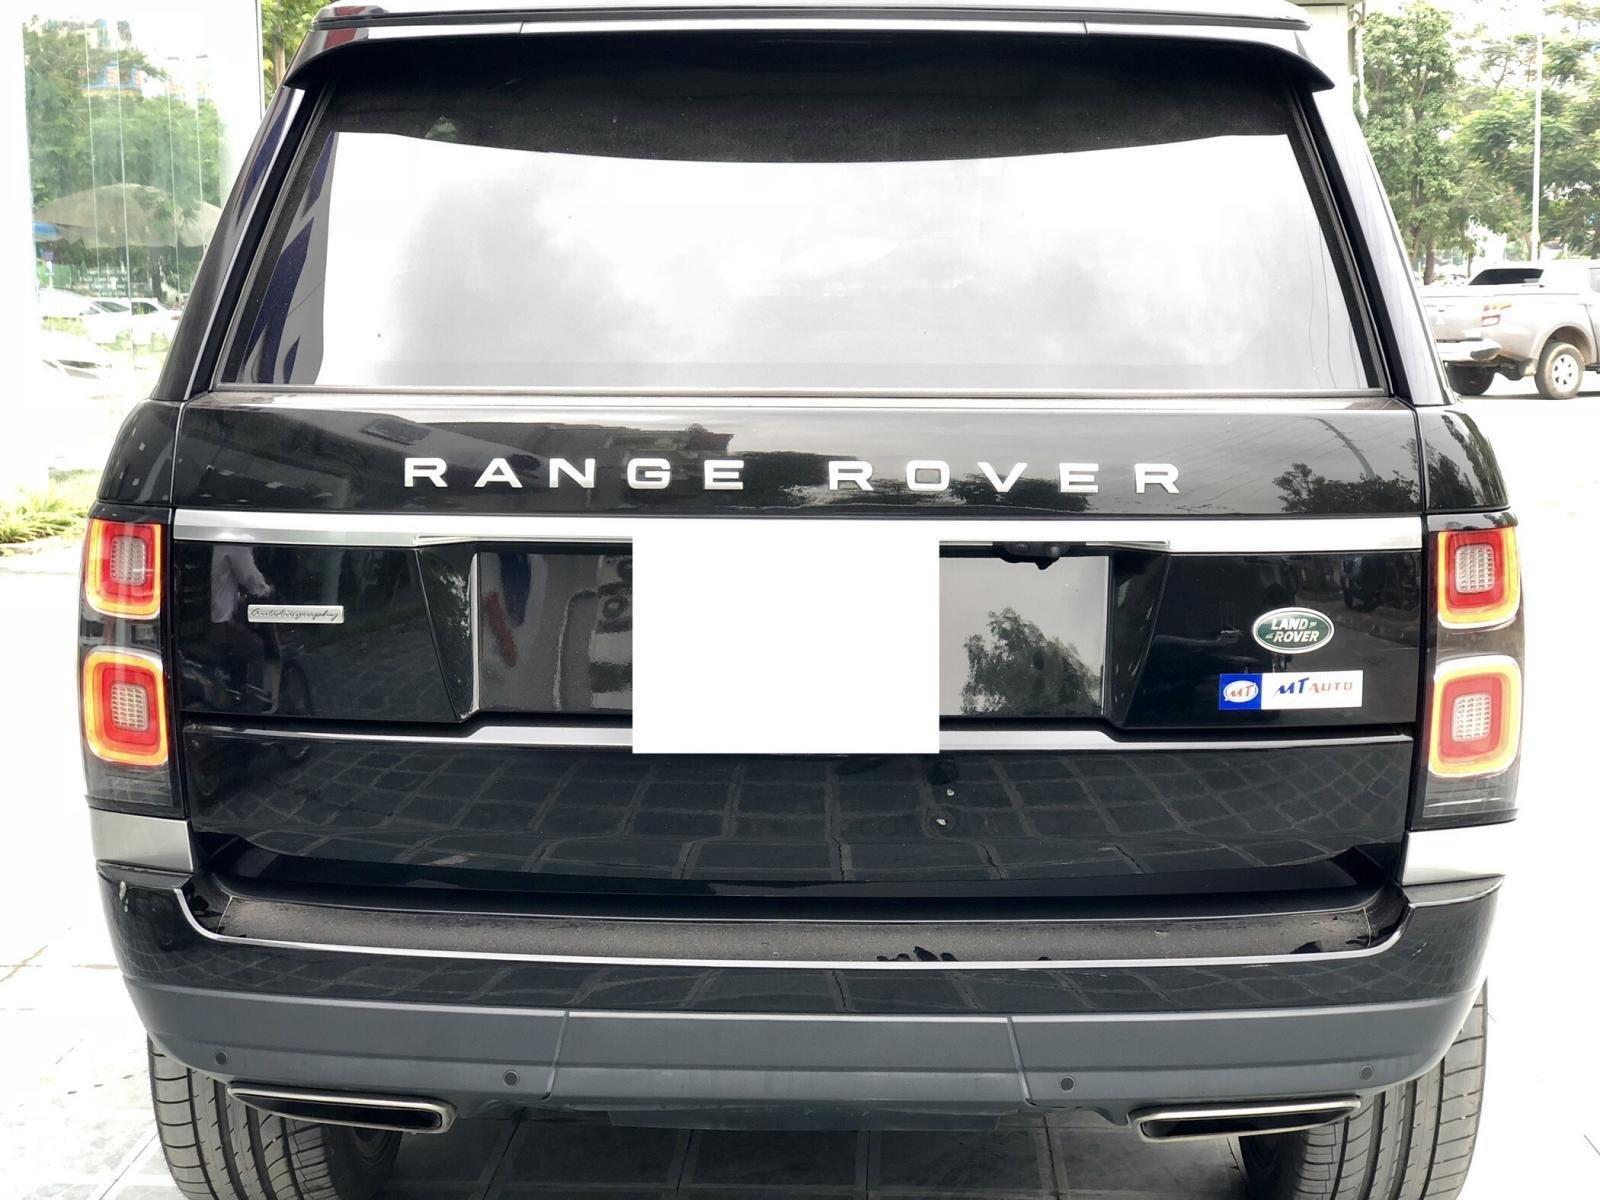 Bán Range Rover Autobiography LWB đời 2019 siêu lướt, hotline 094.539.2468 (6)